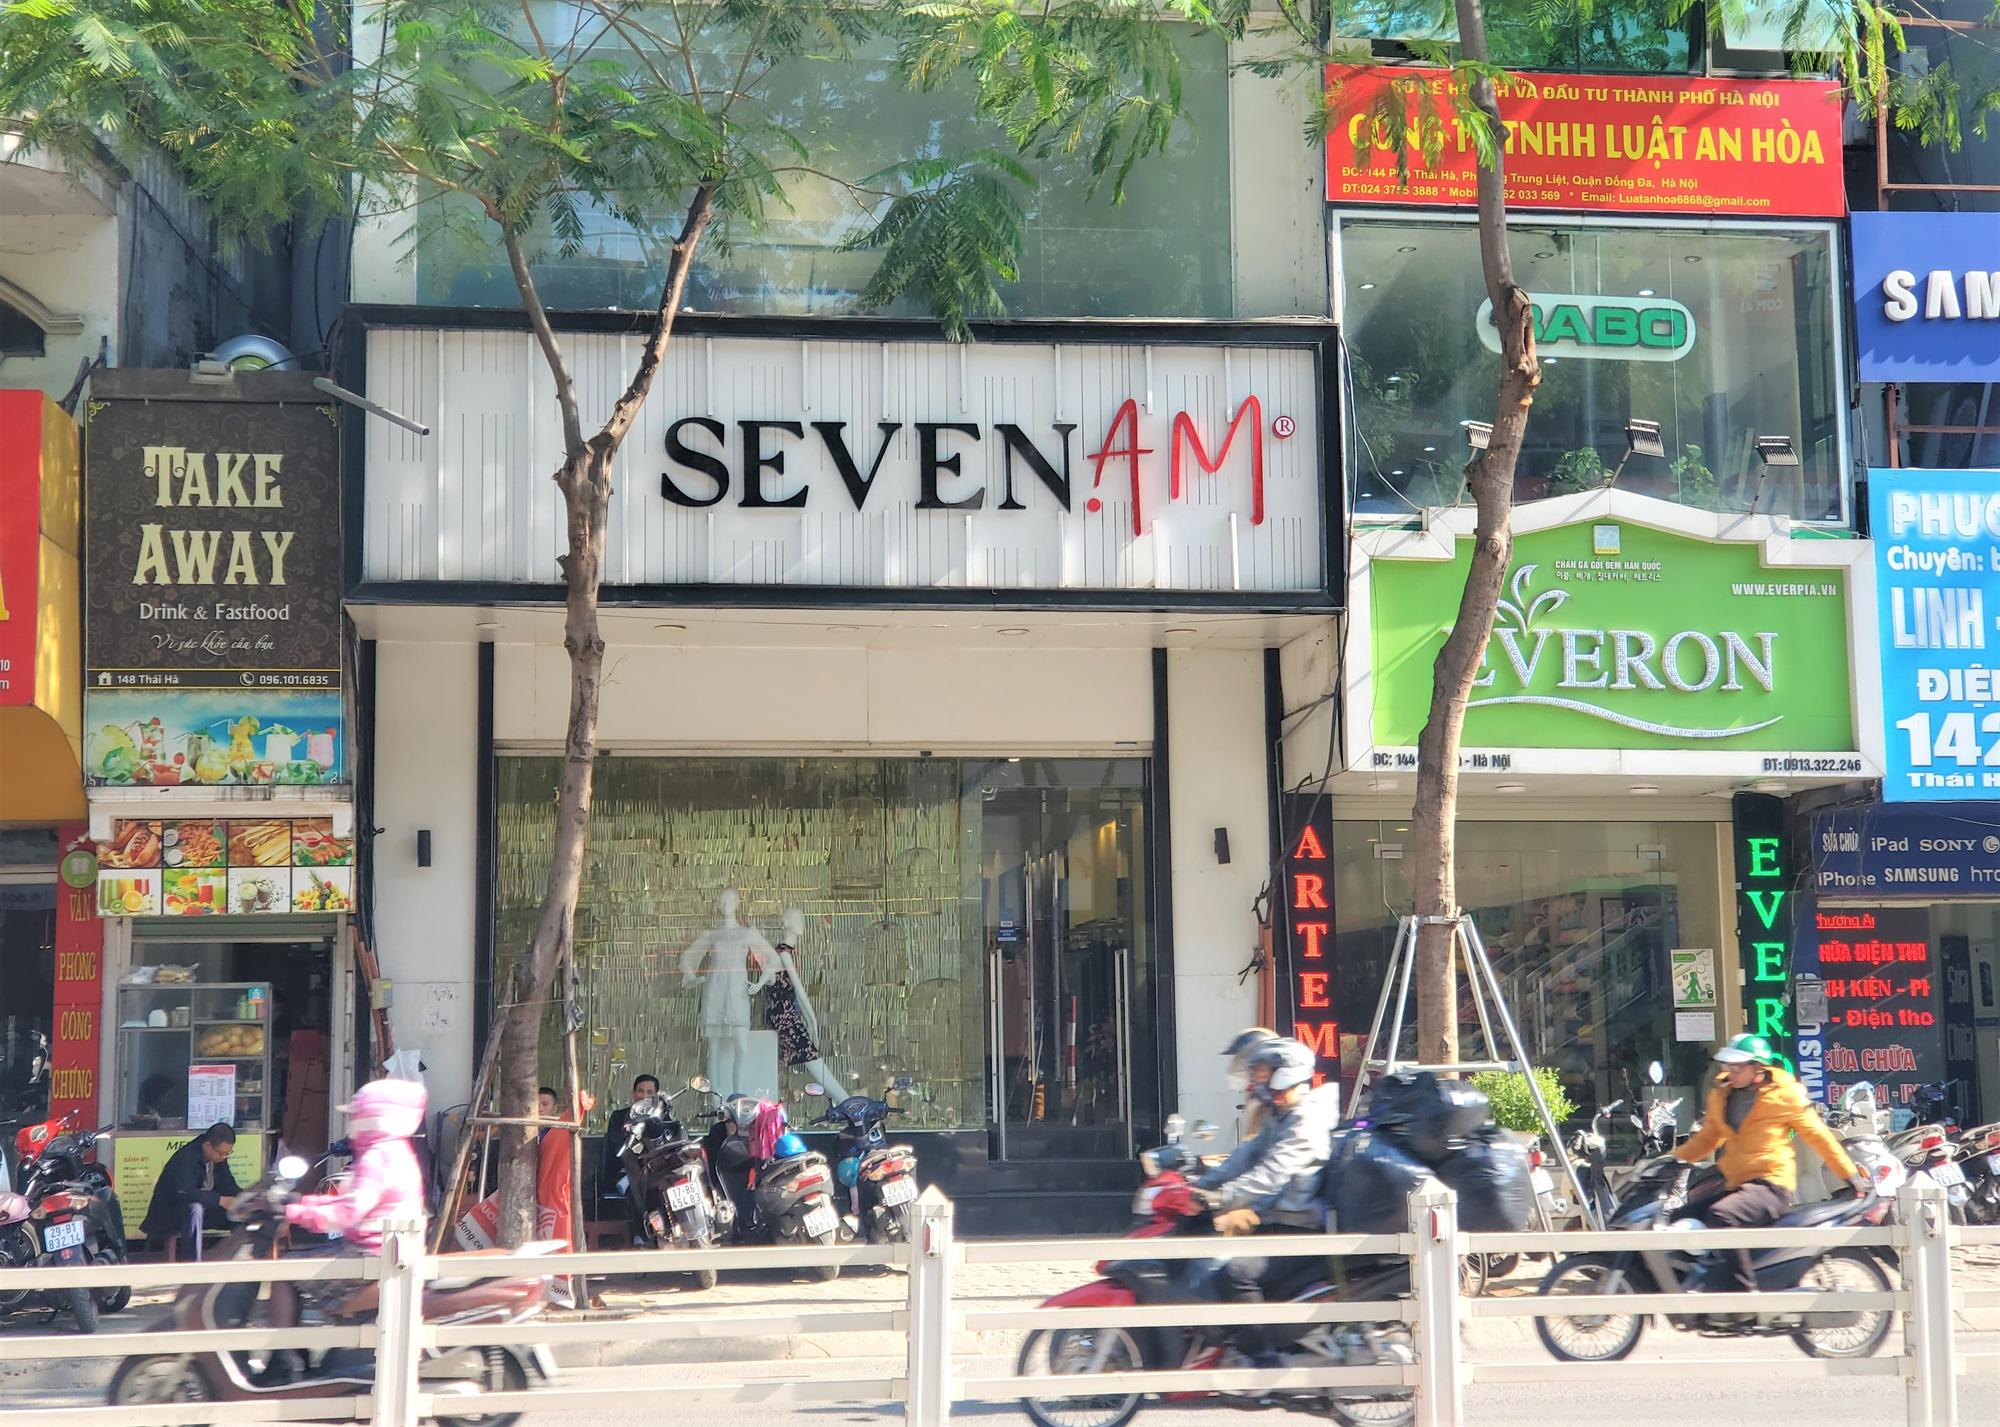 Sau án phạt 170 triệu đồng, SEVEN.am bác tuyên bố cắt mác của ông Nguyễn Vũ Hải Anh - Ảnh 2.